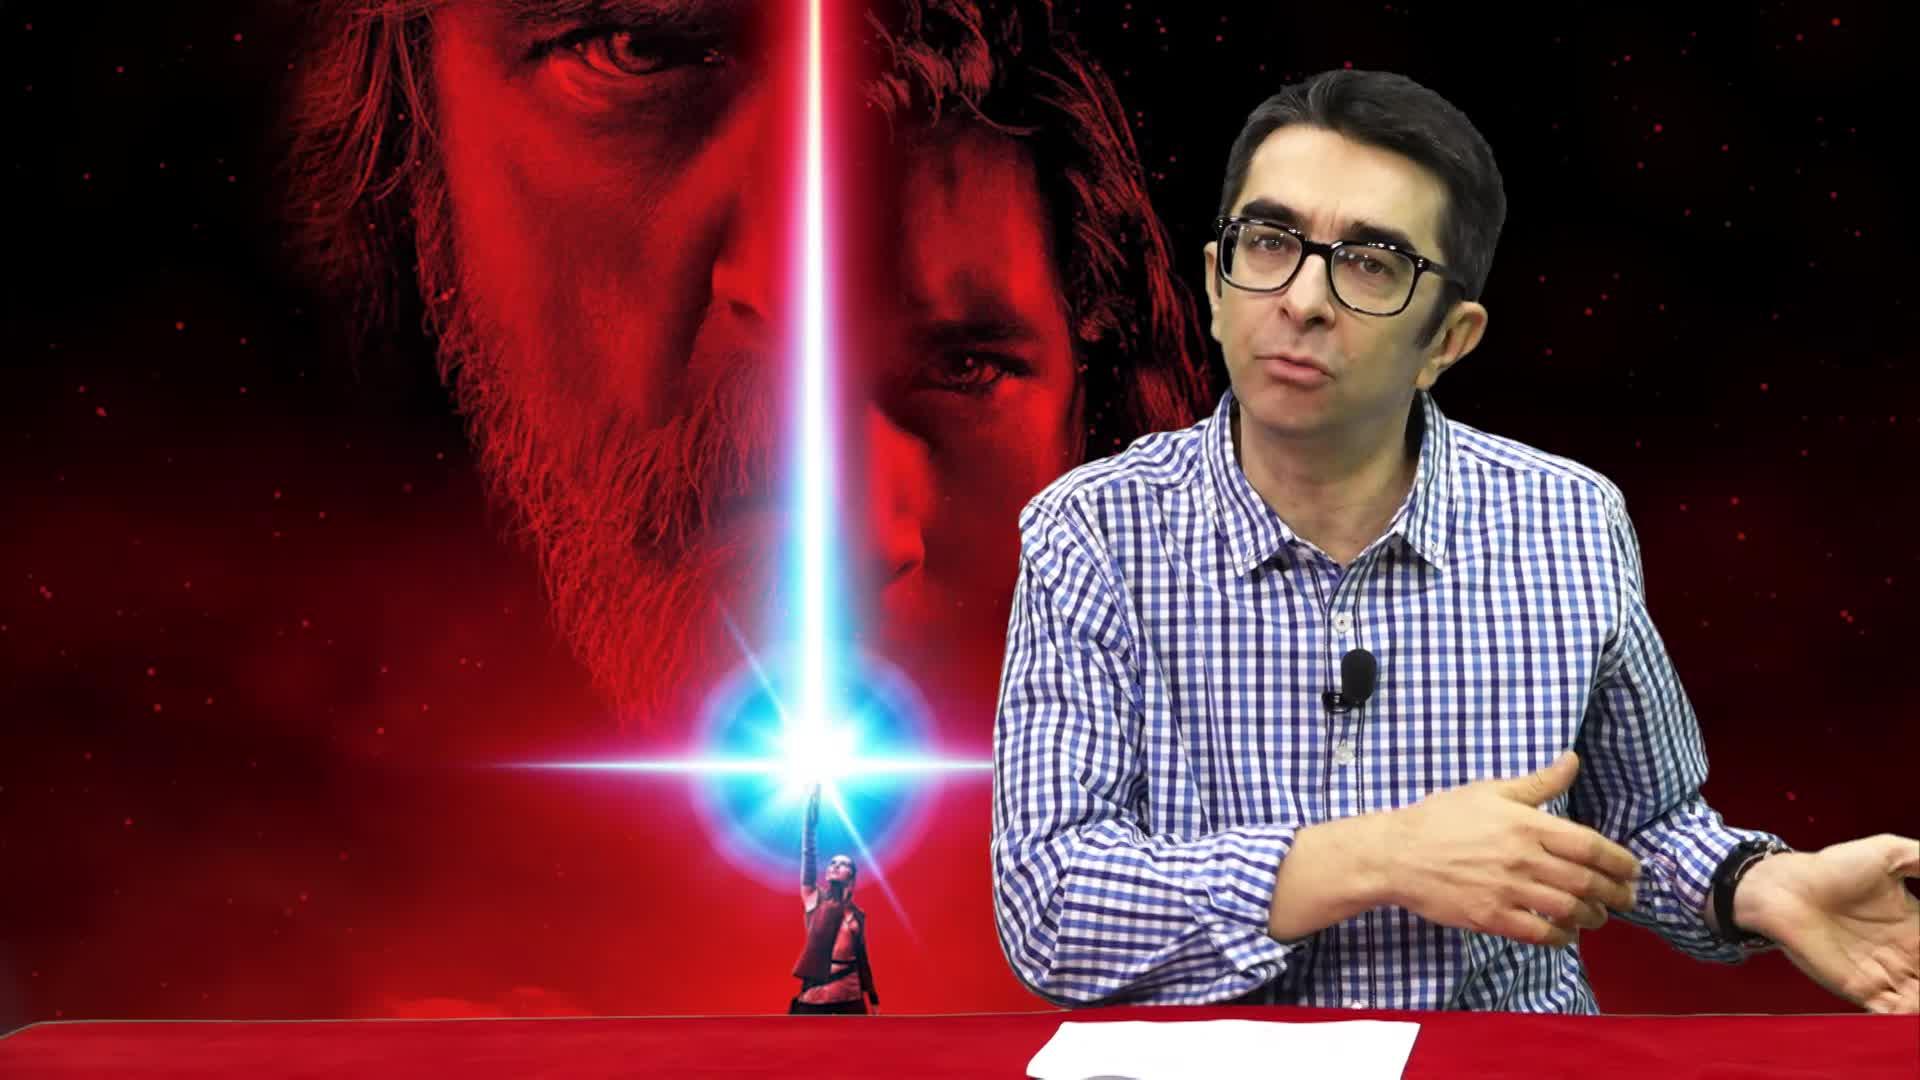 Găinuşă şi Ultimii Jedi